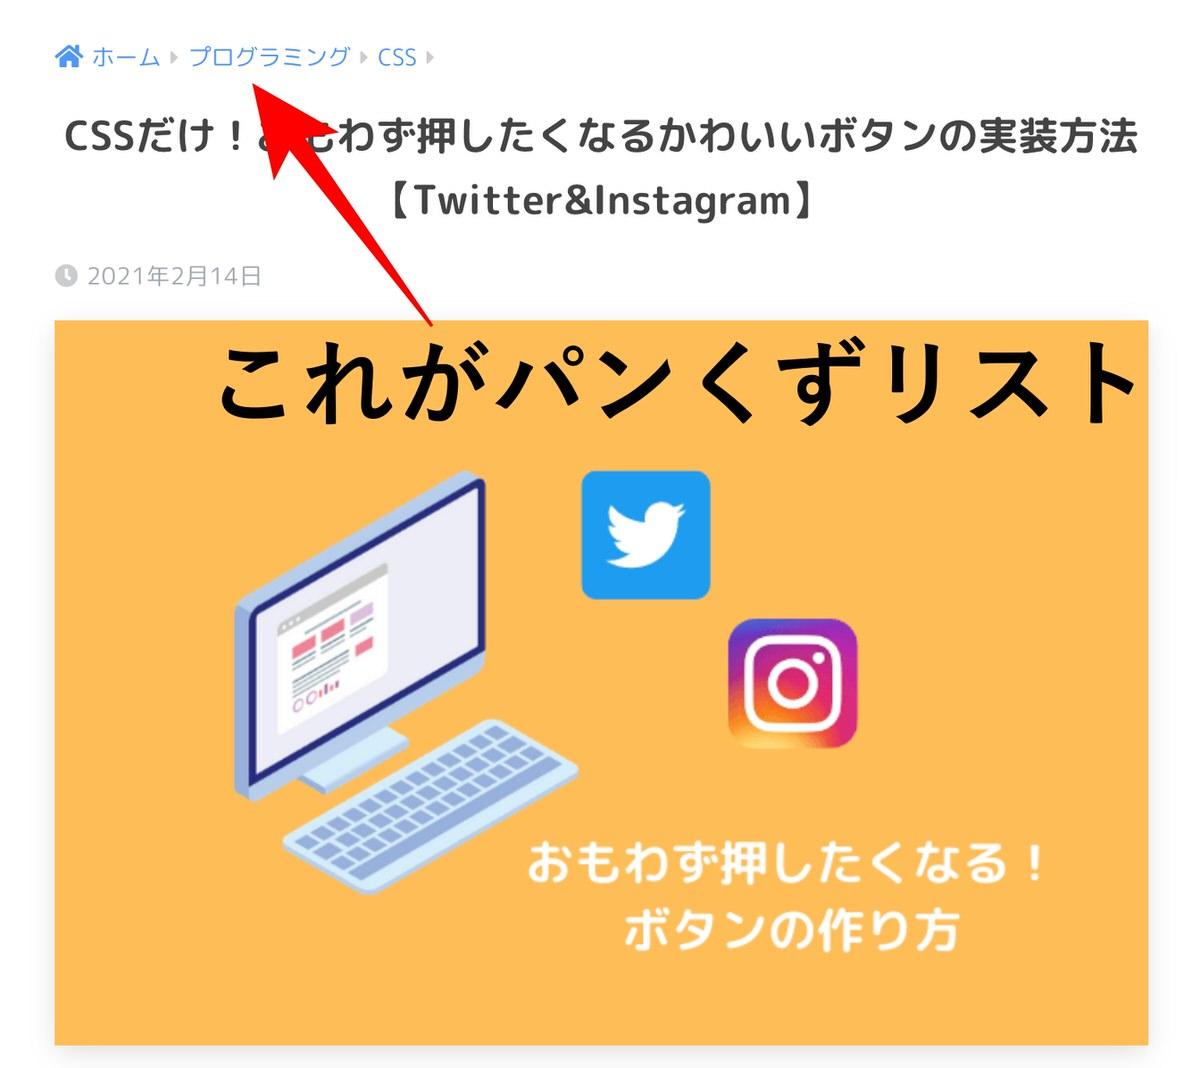 パンくずリストのデザイン【CSS】